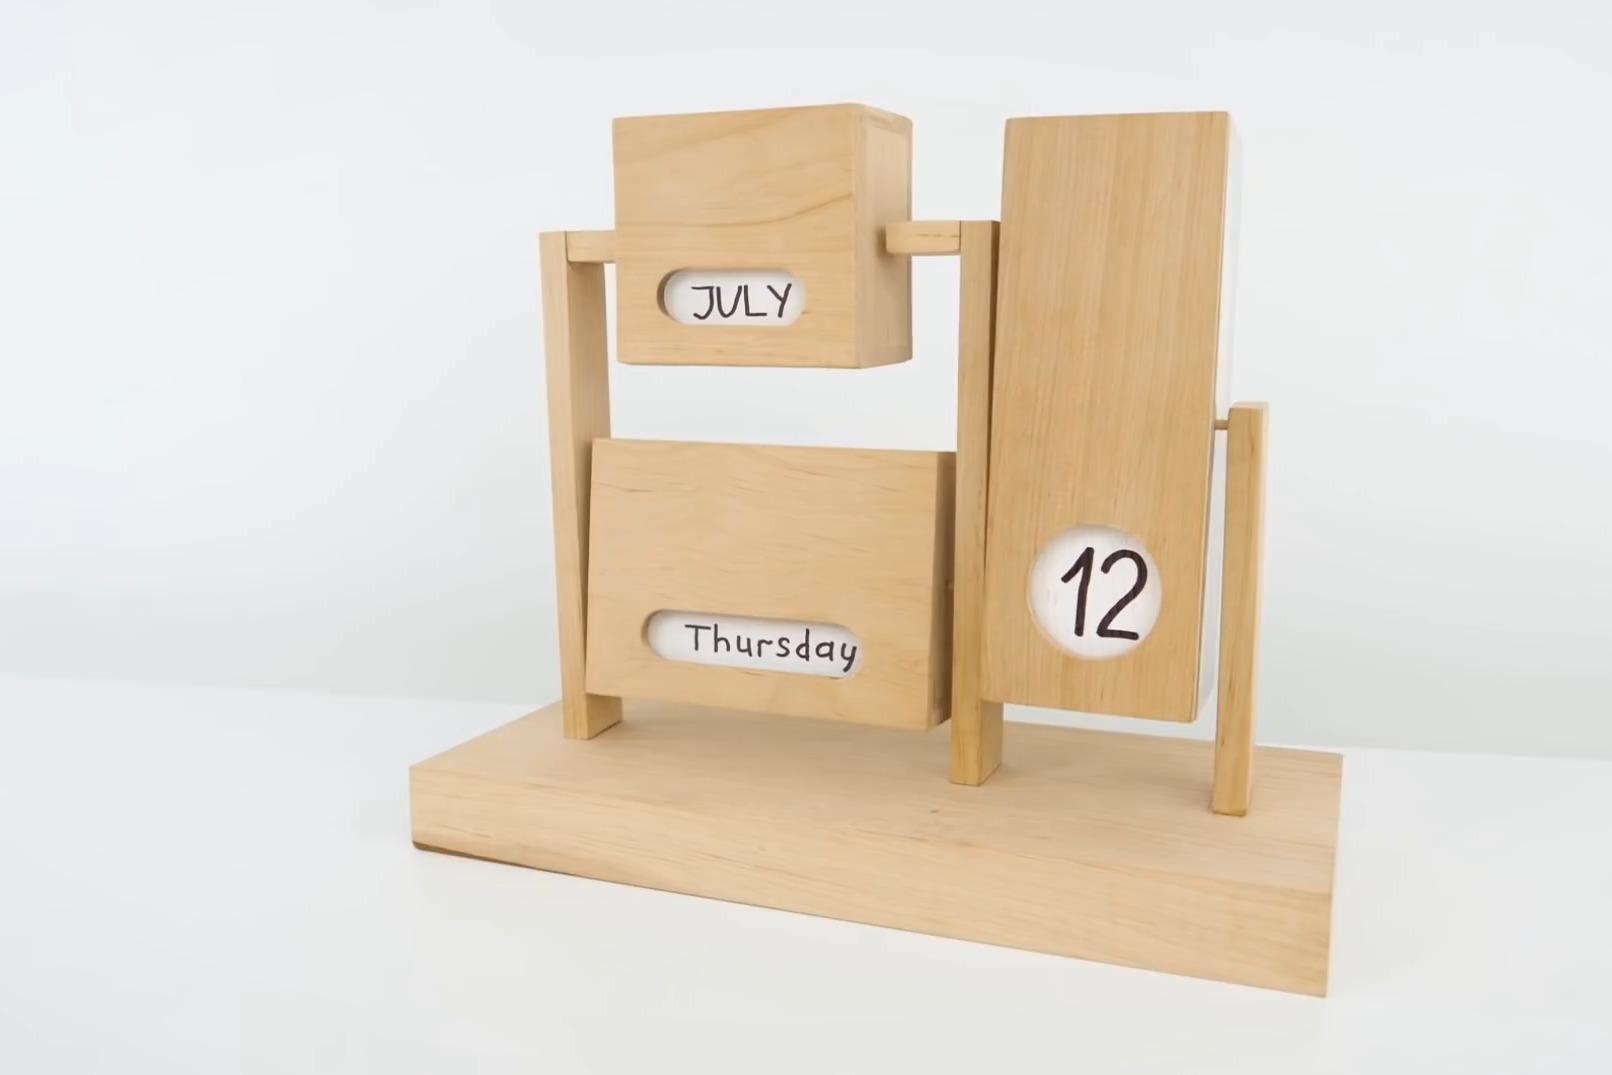 教大家手工制作日历:精致,简单,实用